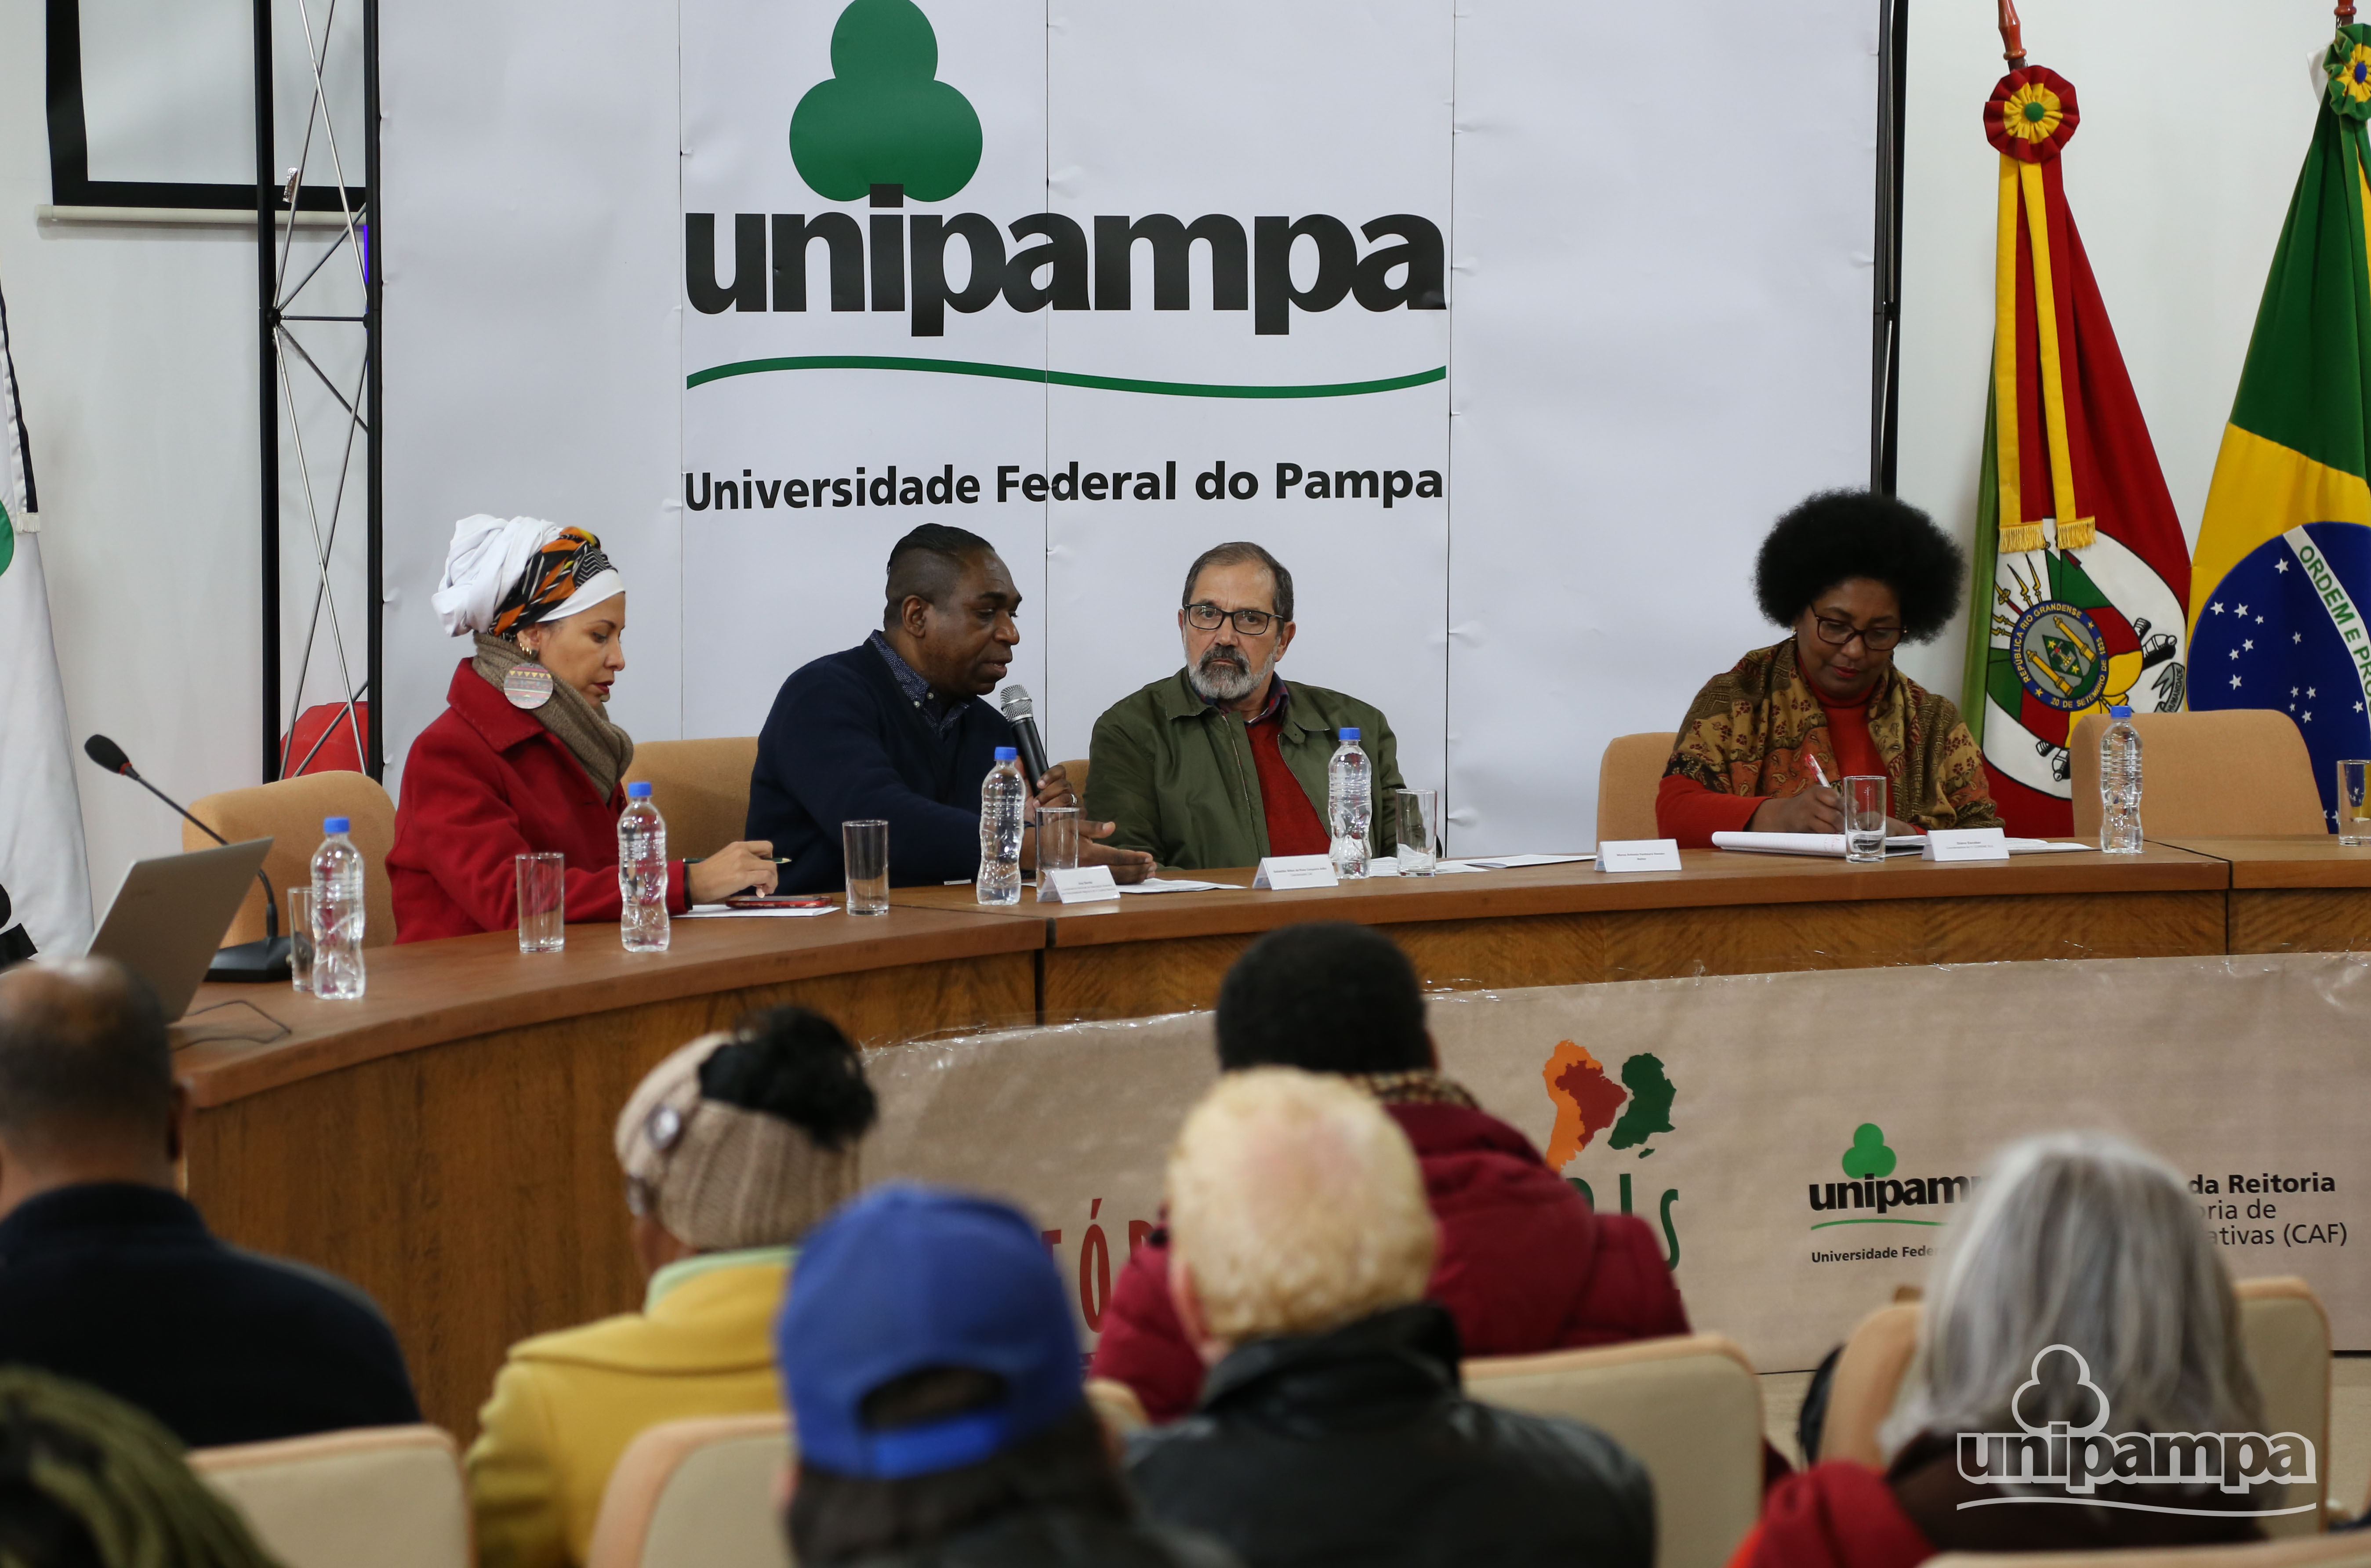 Mesa de abertura marca atividades da tarde de evento - Foto Ronaldo Estevam